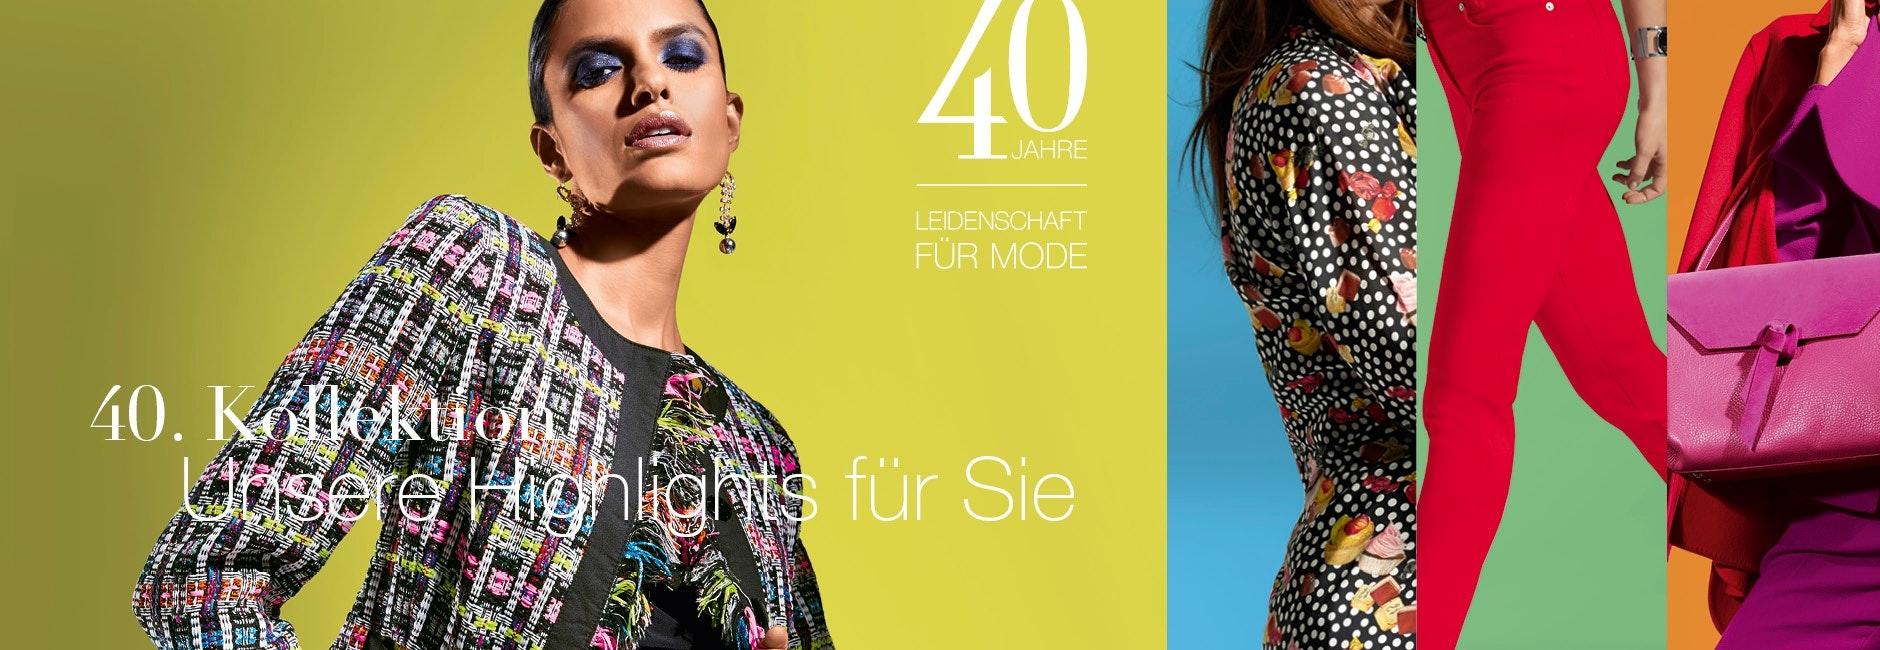 Shoppen Sie hier die Highlights der 40. Kollektion von MADELEINE